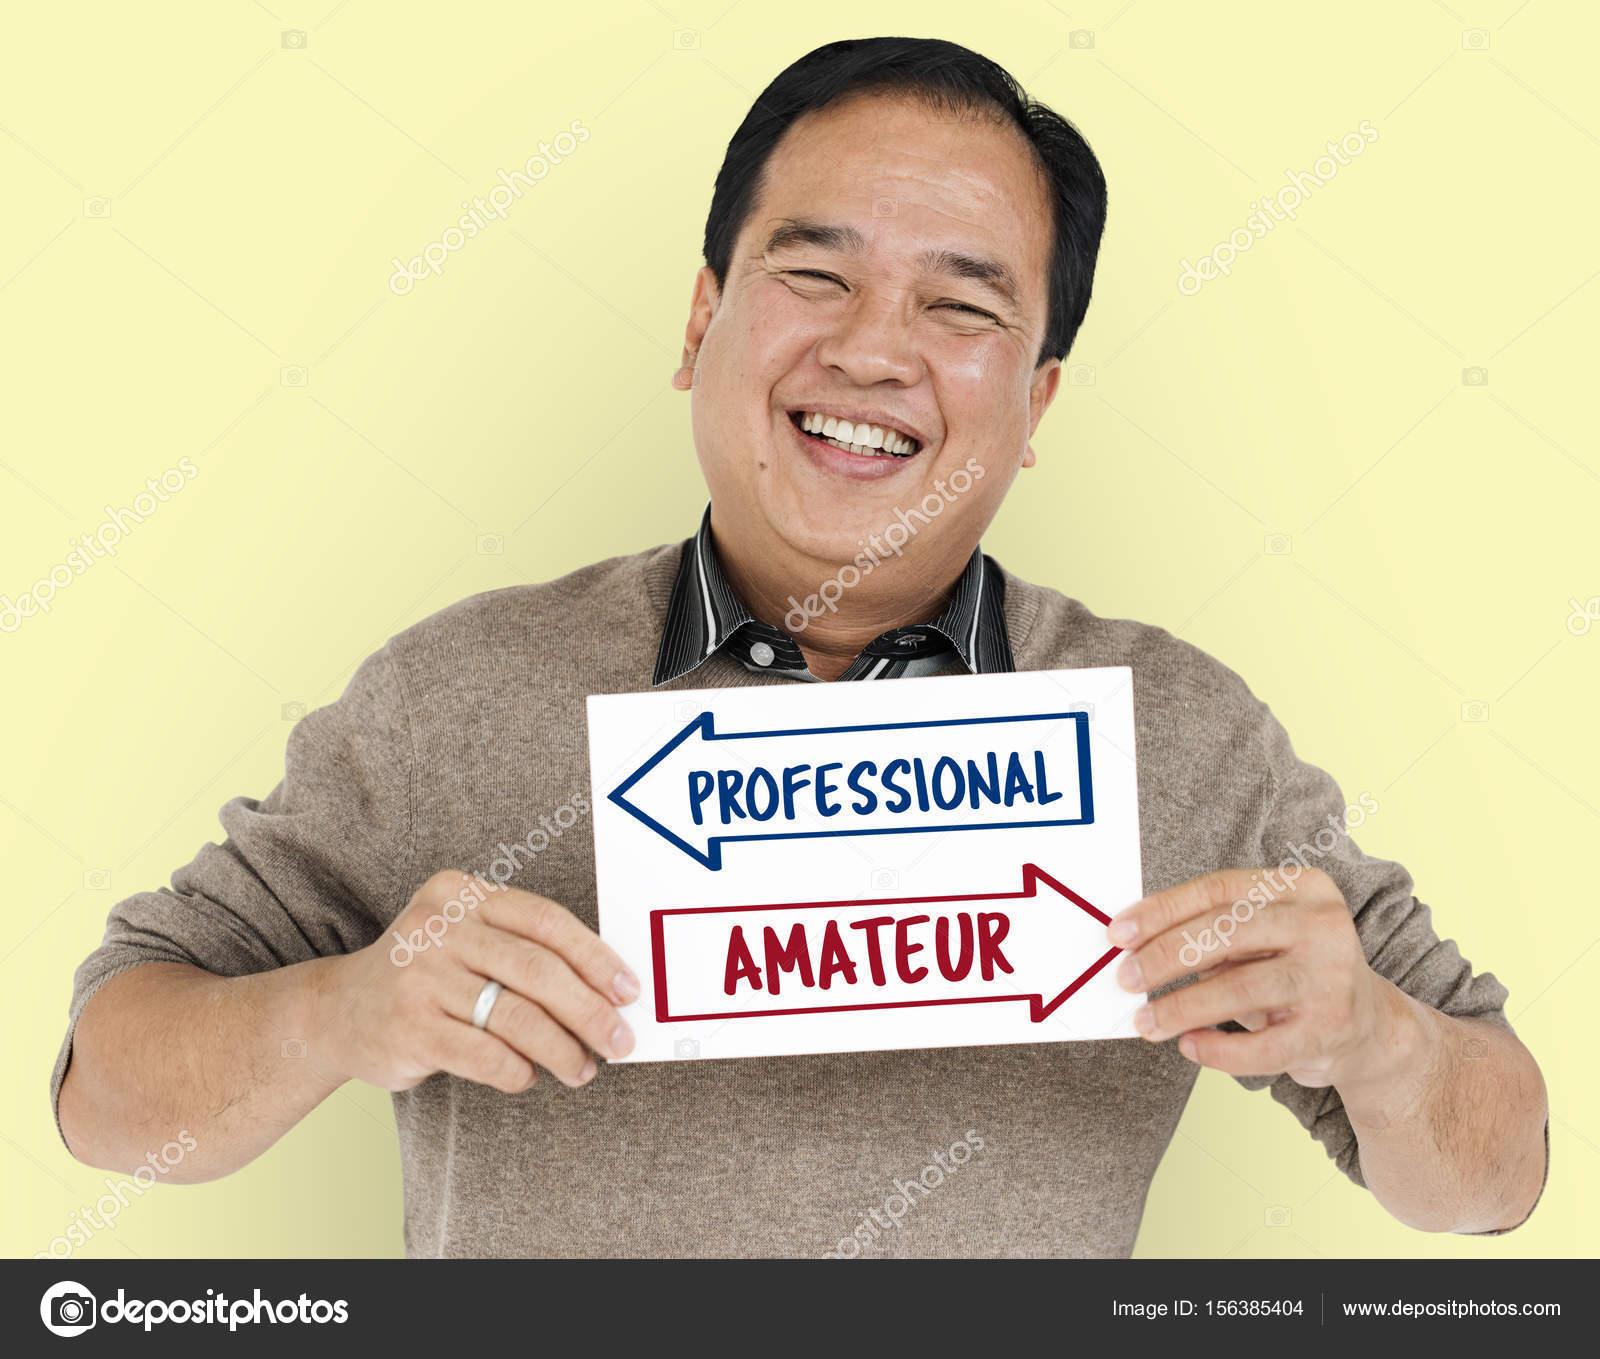 Amateur amature asian